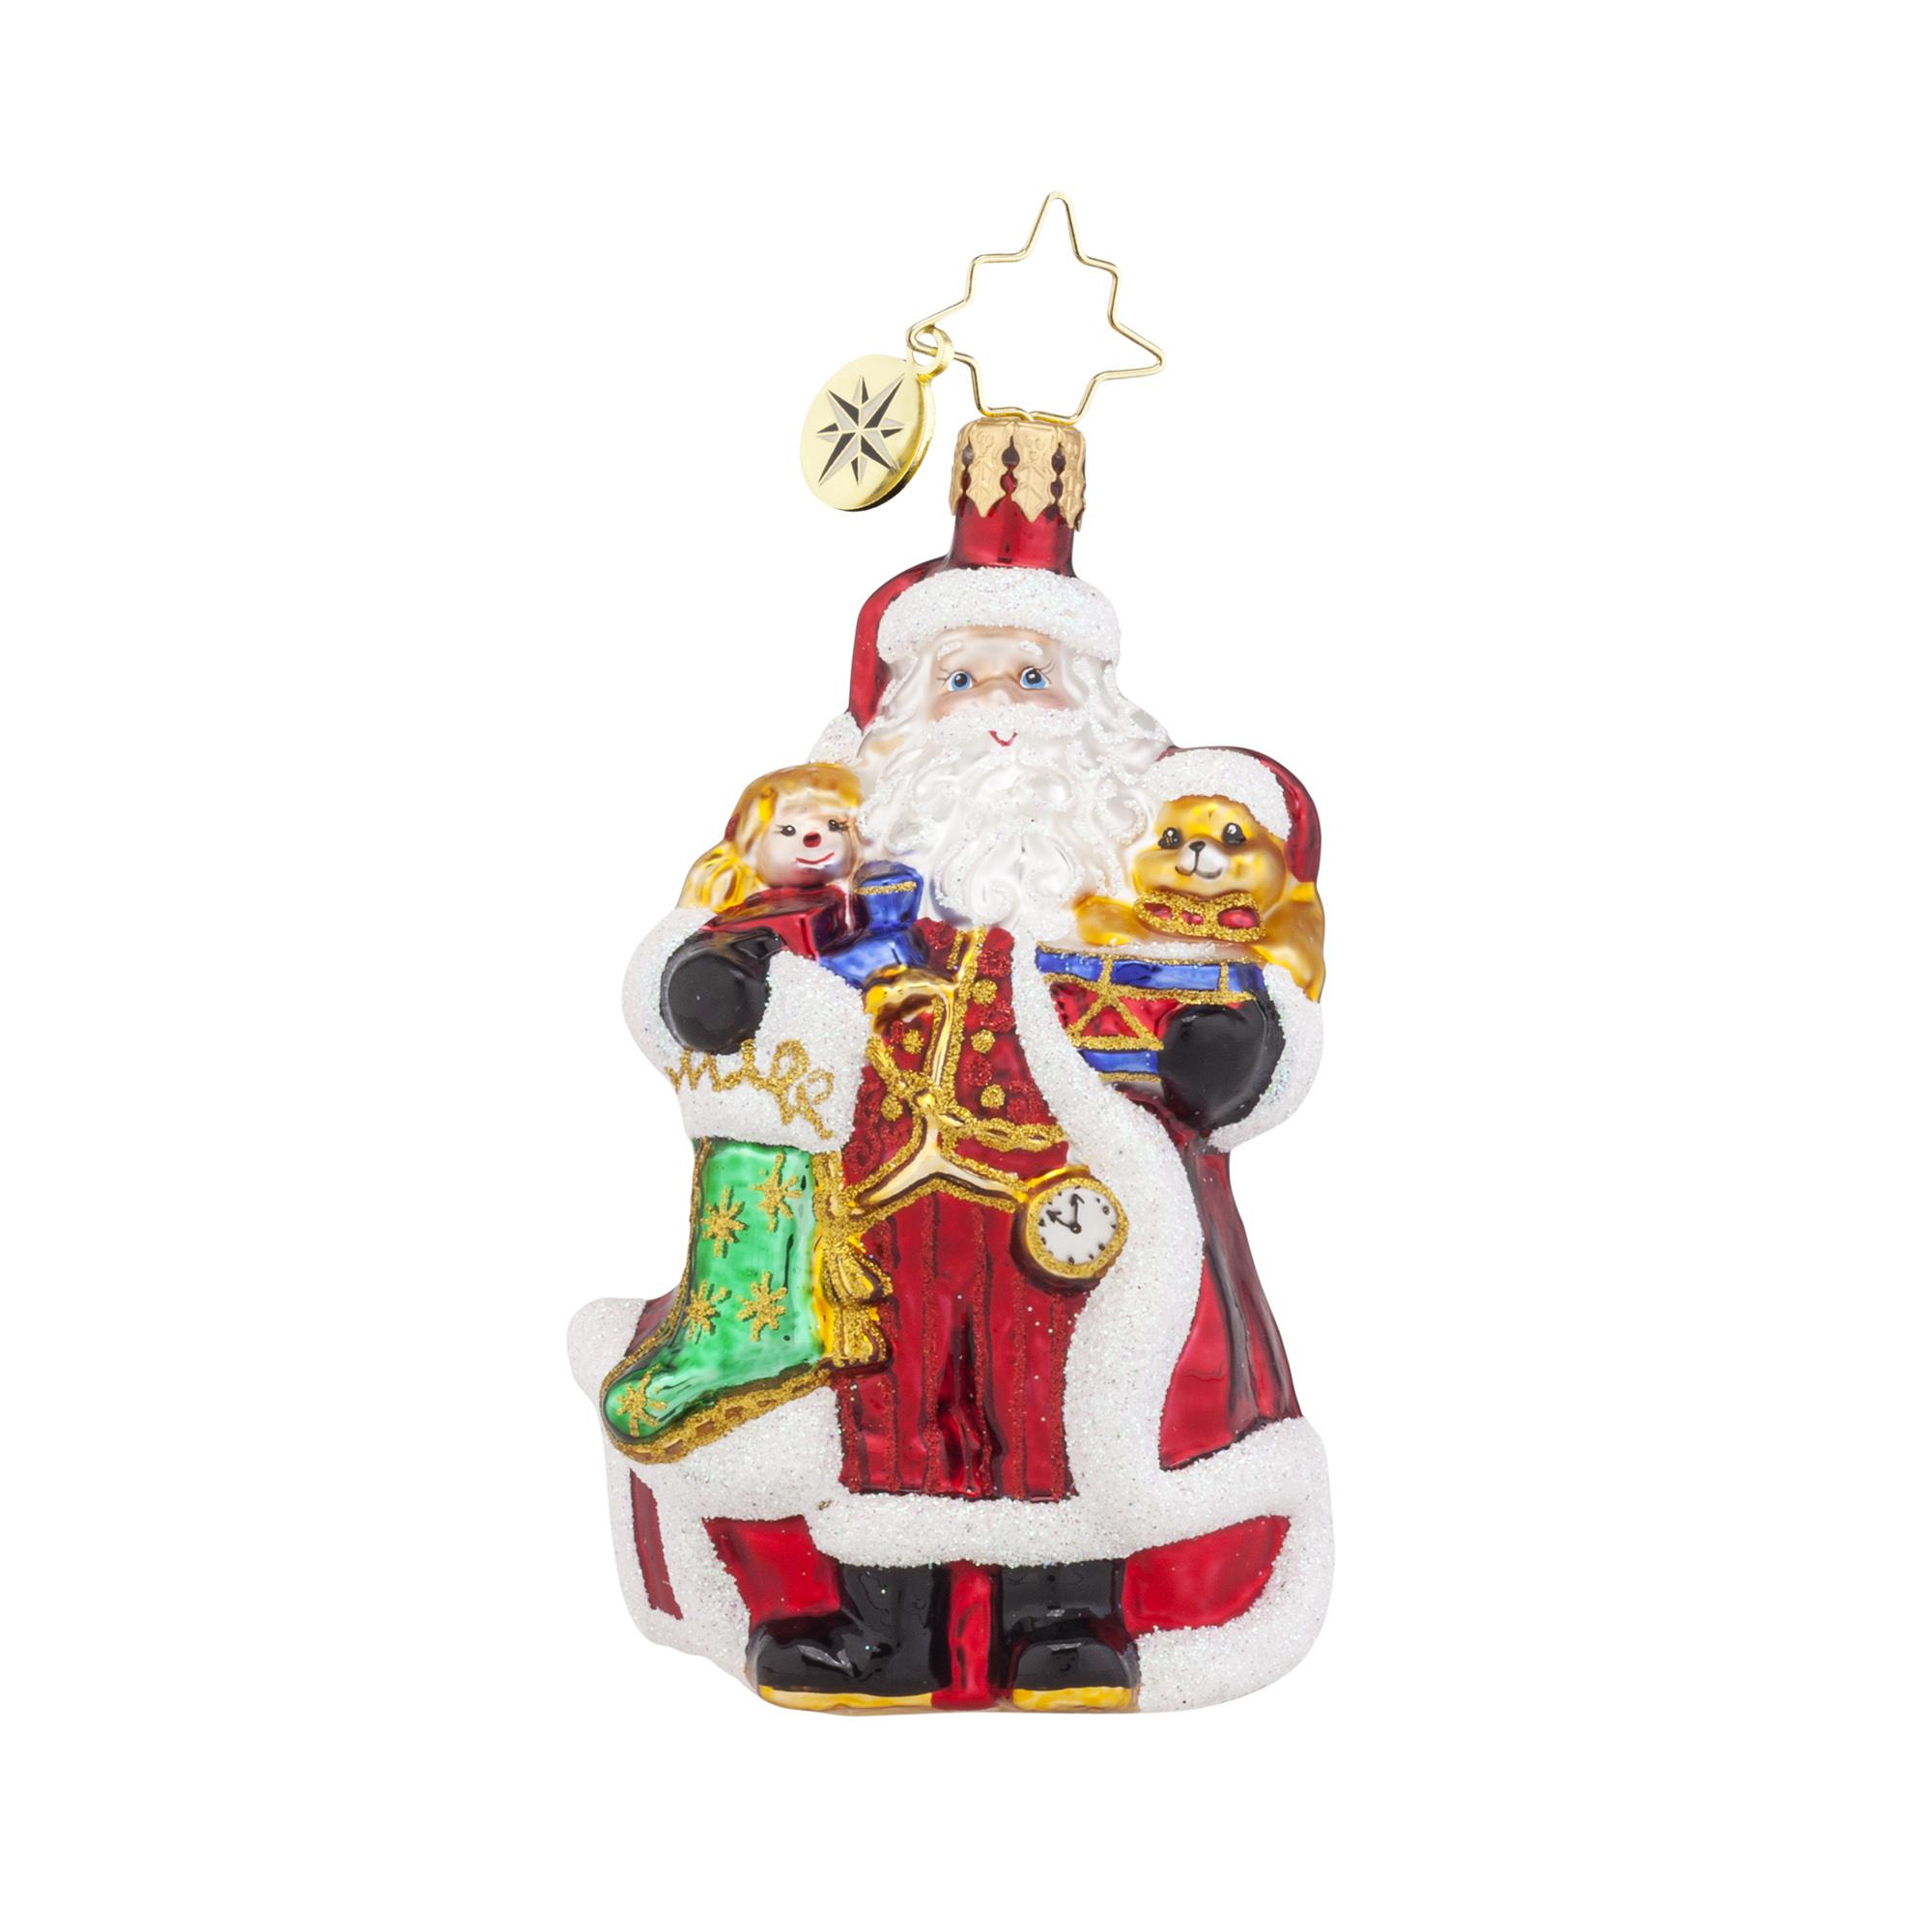 RADKO 1017718 A CHRISTMAS CLASSIC GEM